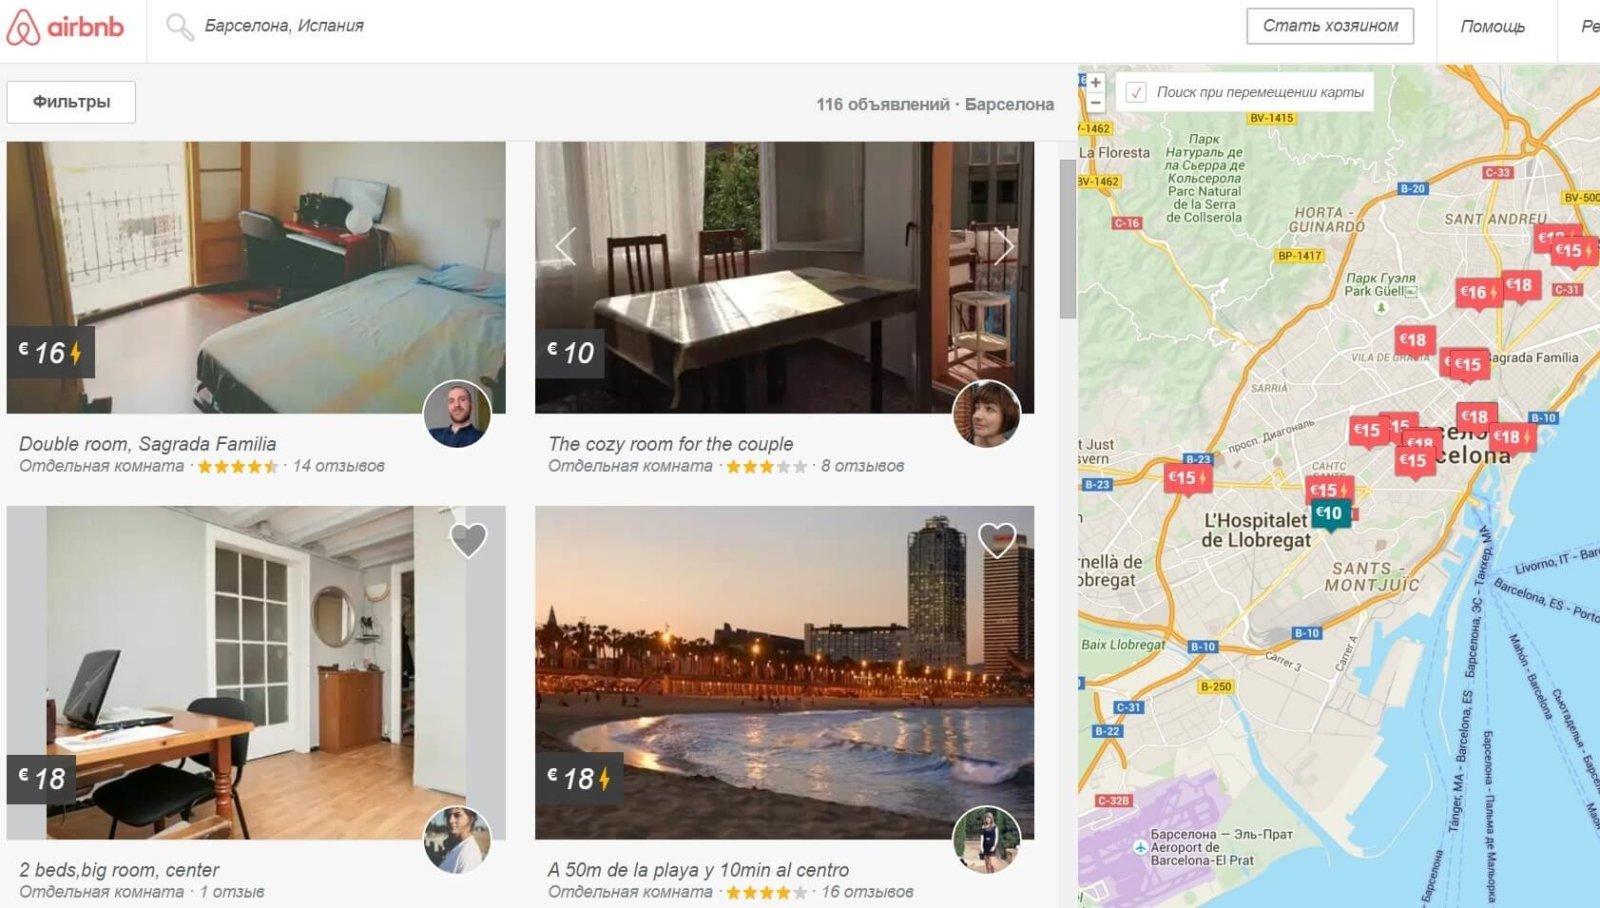 Как дешево улететь в Барселону 2020